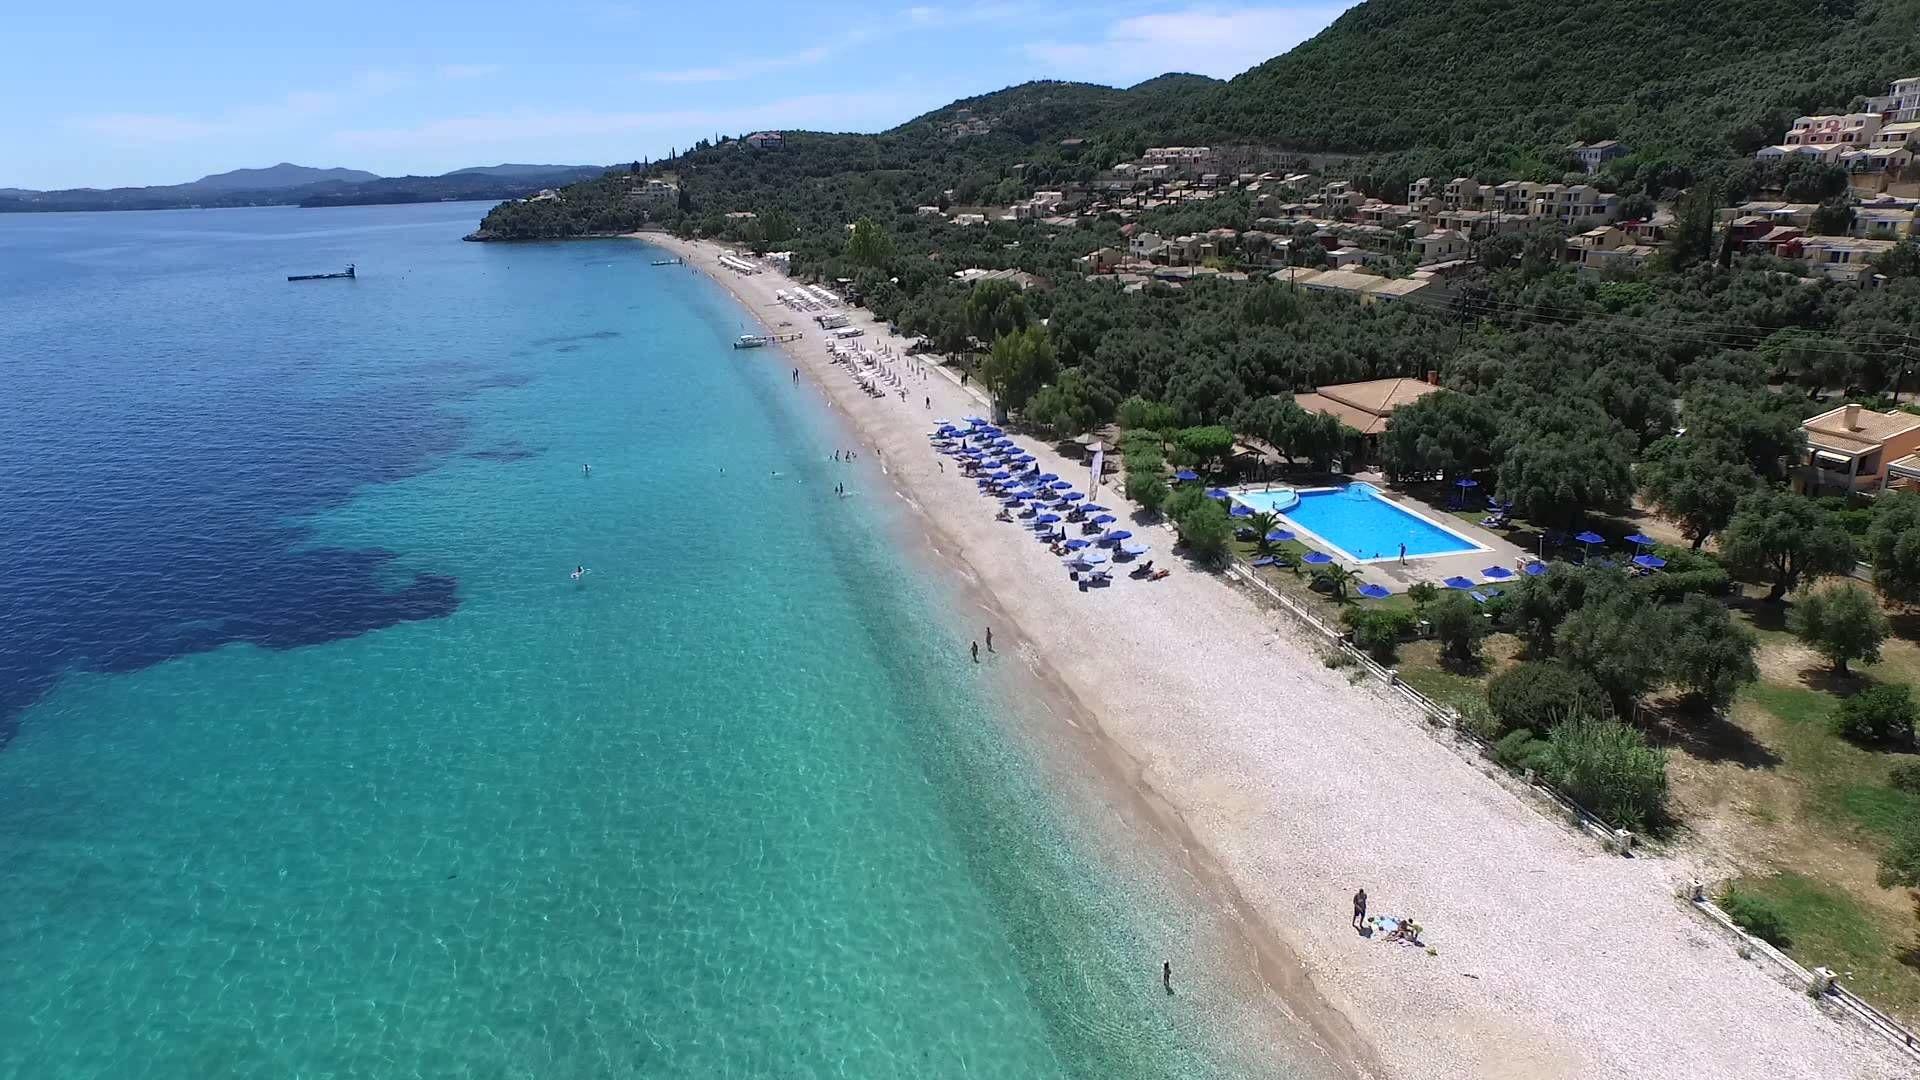 barbati-corfu-beach